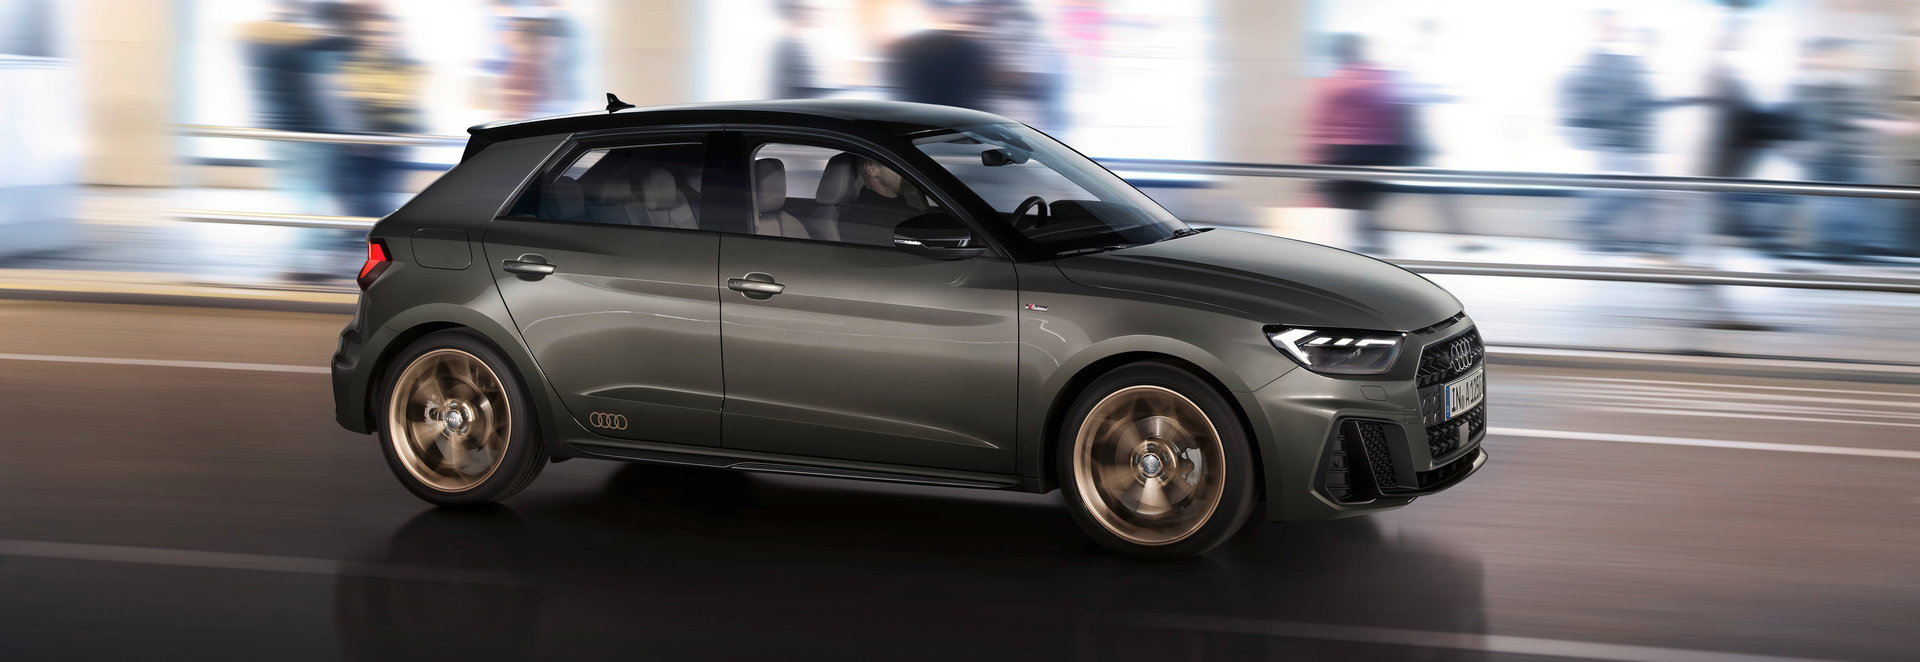 El Audi A1 no tendrá sucesor, otra víctima de los límites de CO2 de la UE